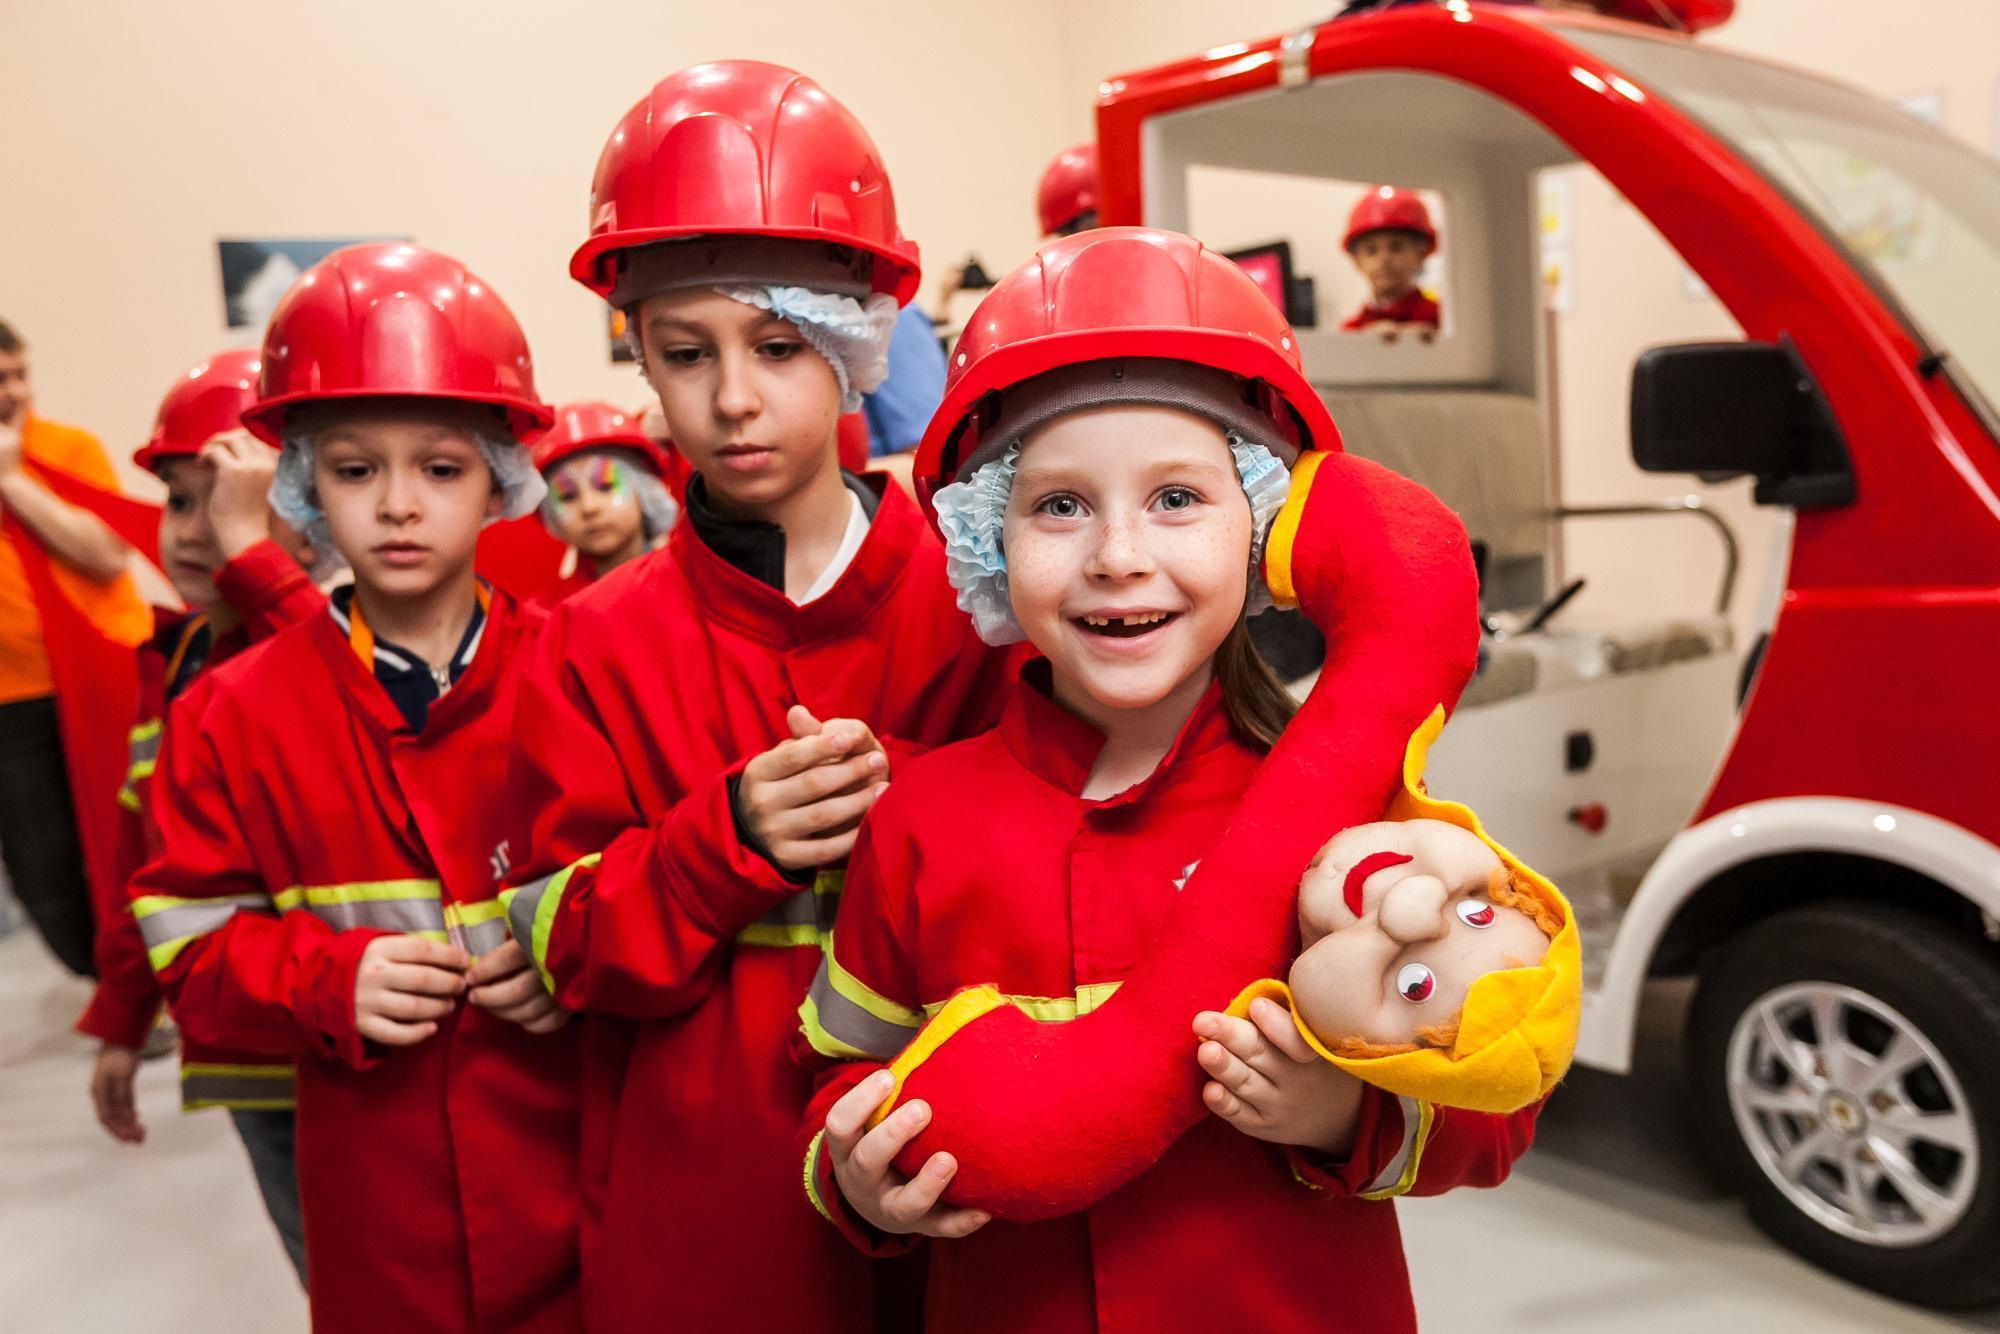 Коломенцы и озерчане могут участвовать в Всероссийской онлайн-олимпиаде по пожарной безопасности